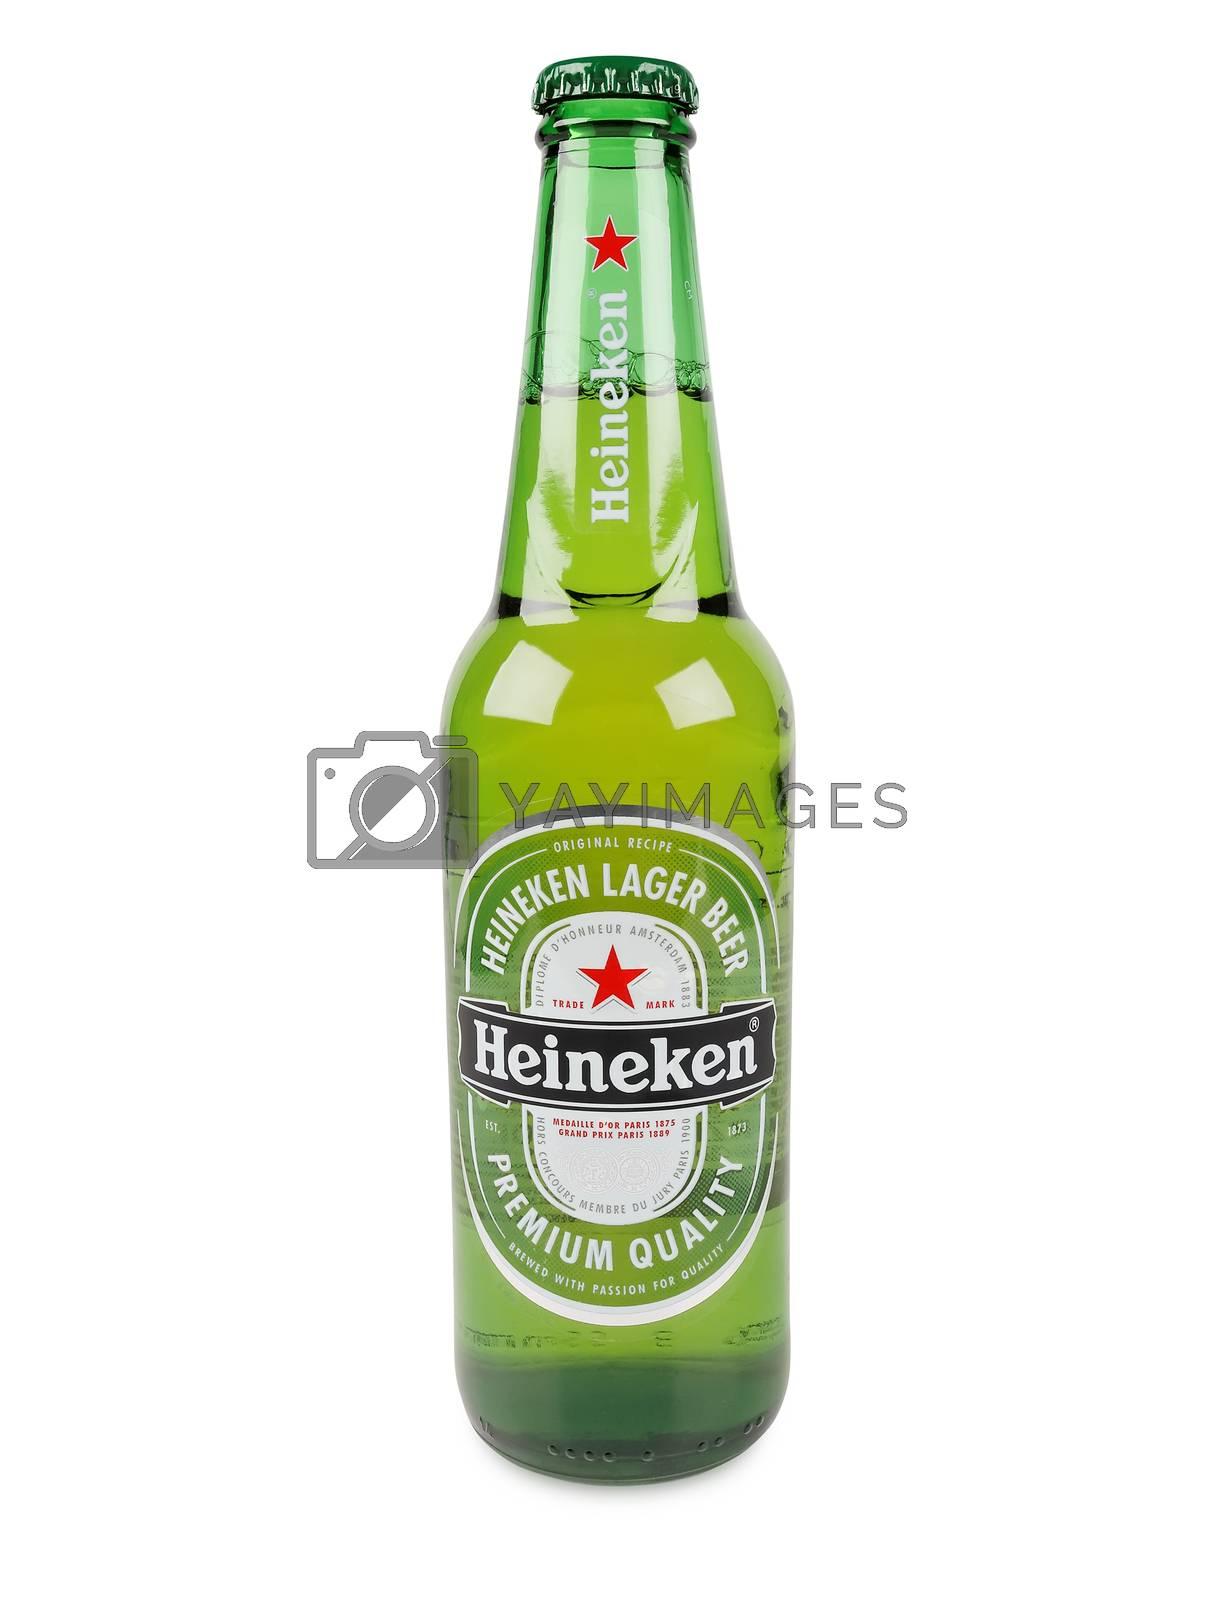 Royalty free image of Heineken bottle beer by sewer12